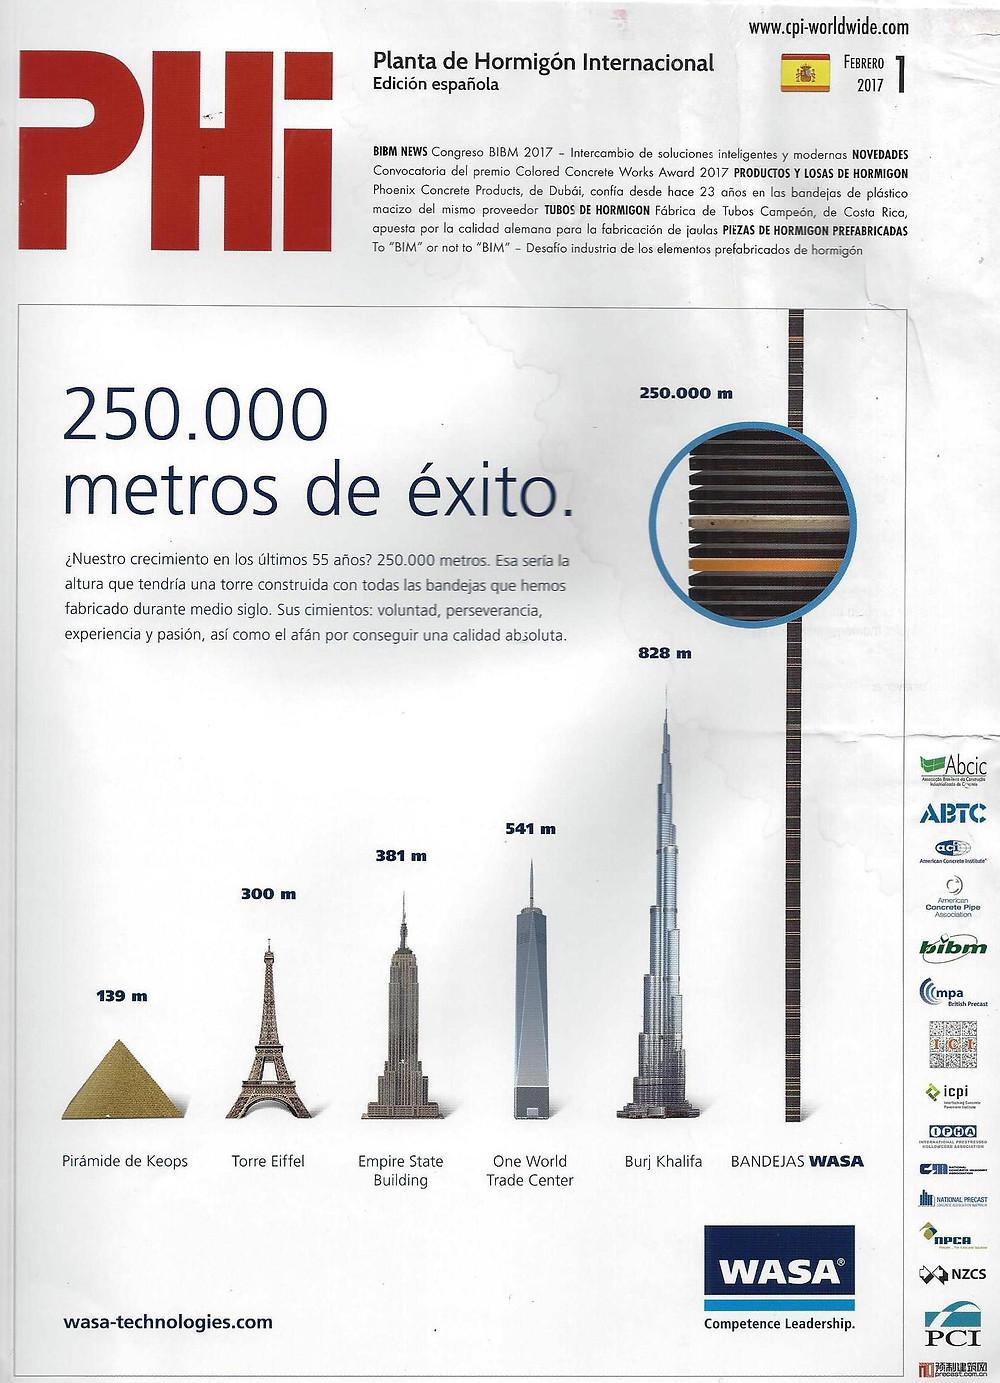 Revista PHI (Planta de Hormigón Internacional)